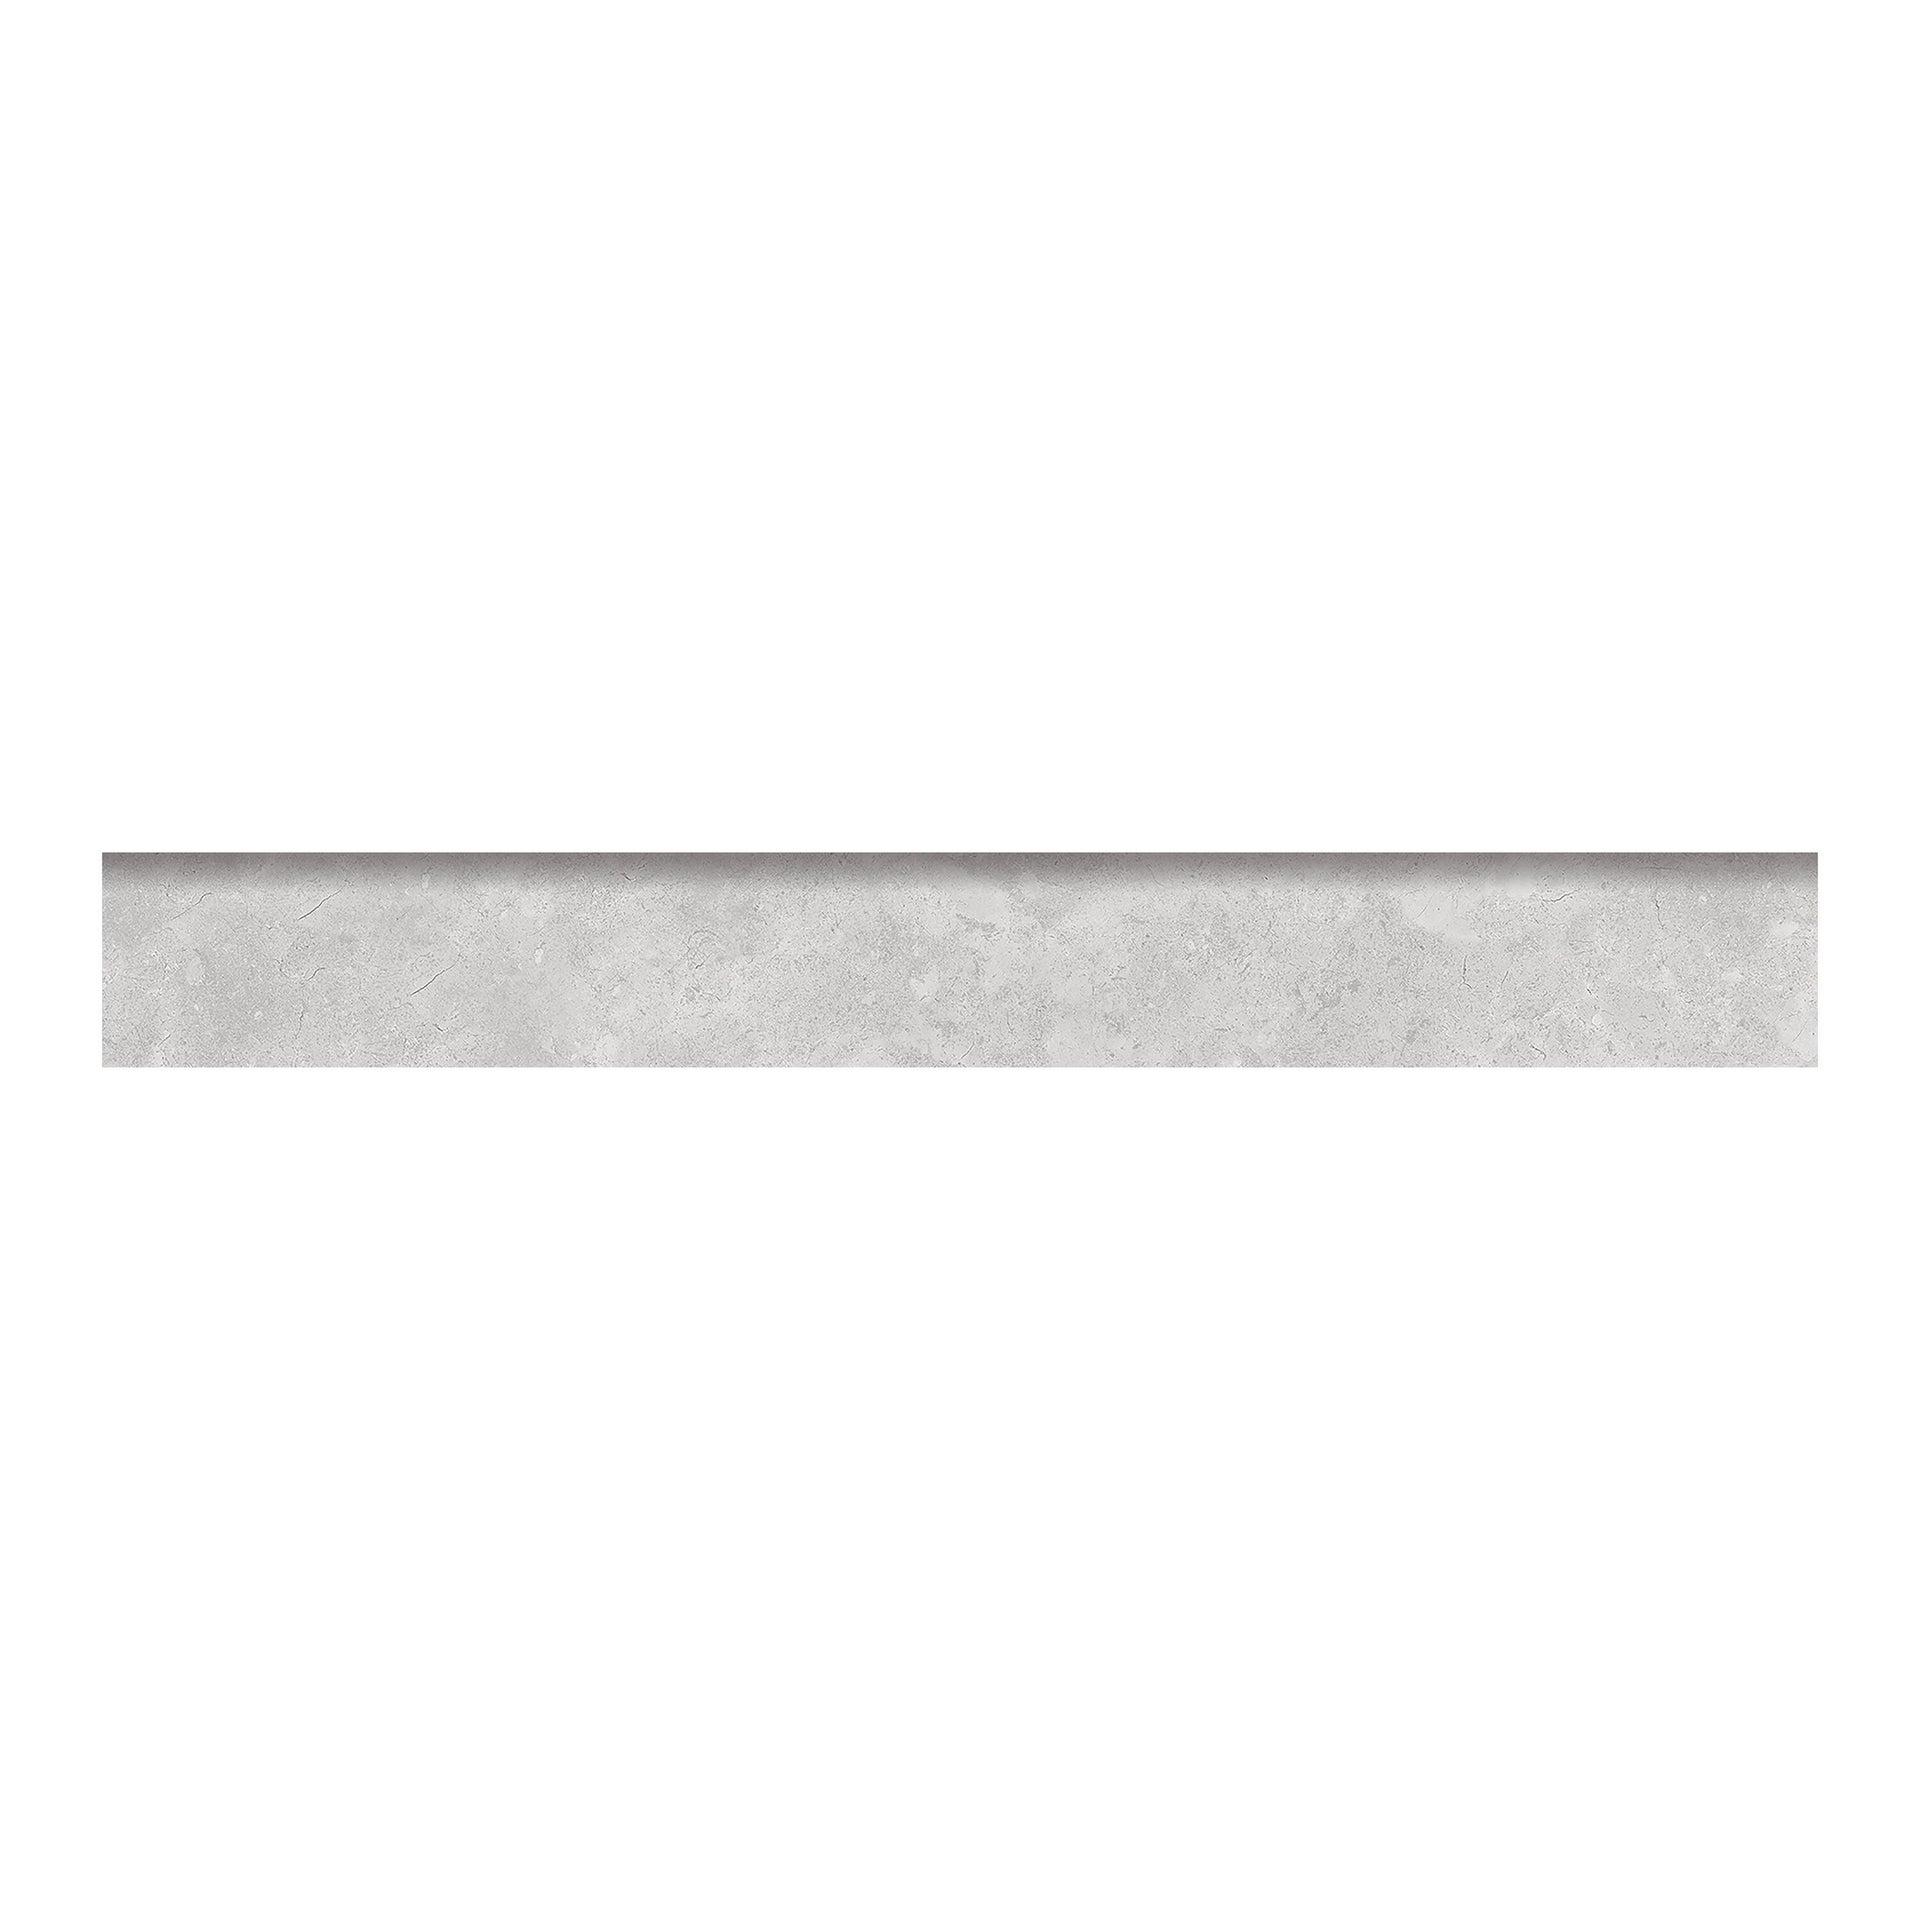 Battiscopa con becco a civetta Remix concrete H 7.5 x L 60 cm grigio - 2